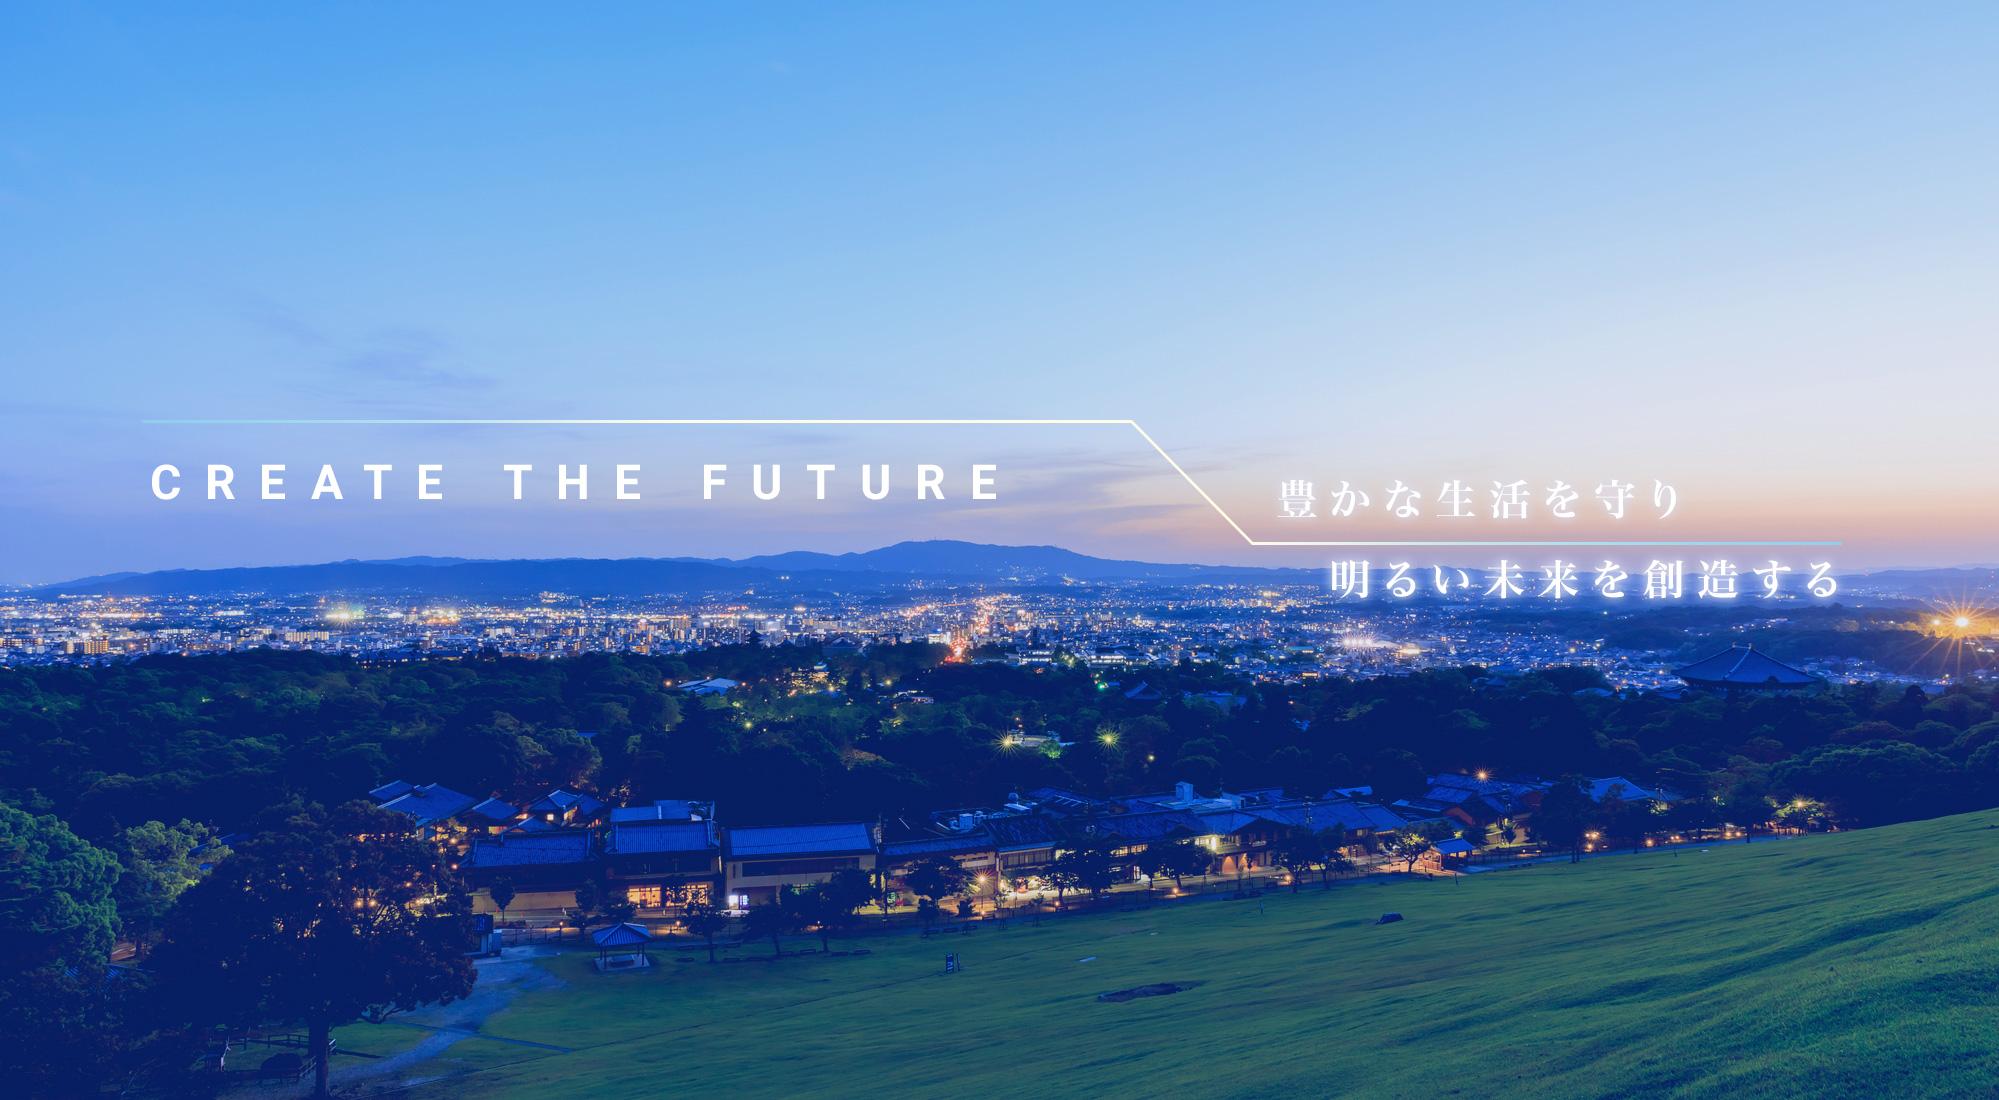 豊かな生活を守り明るい未来を創造する